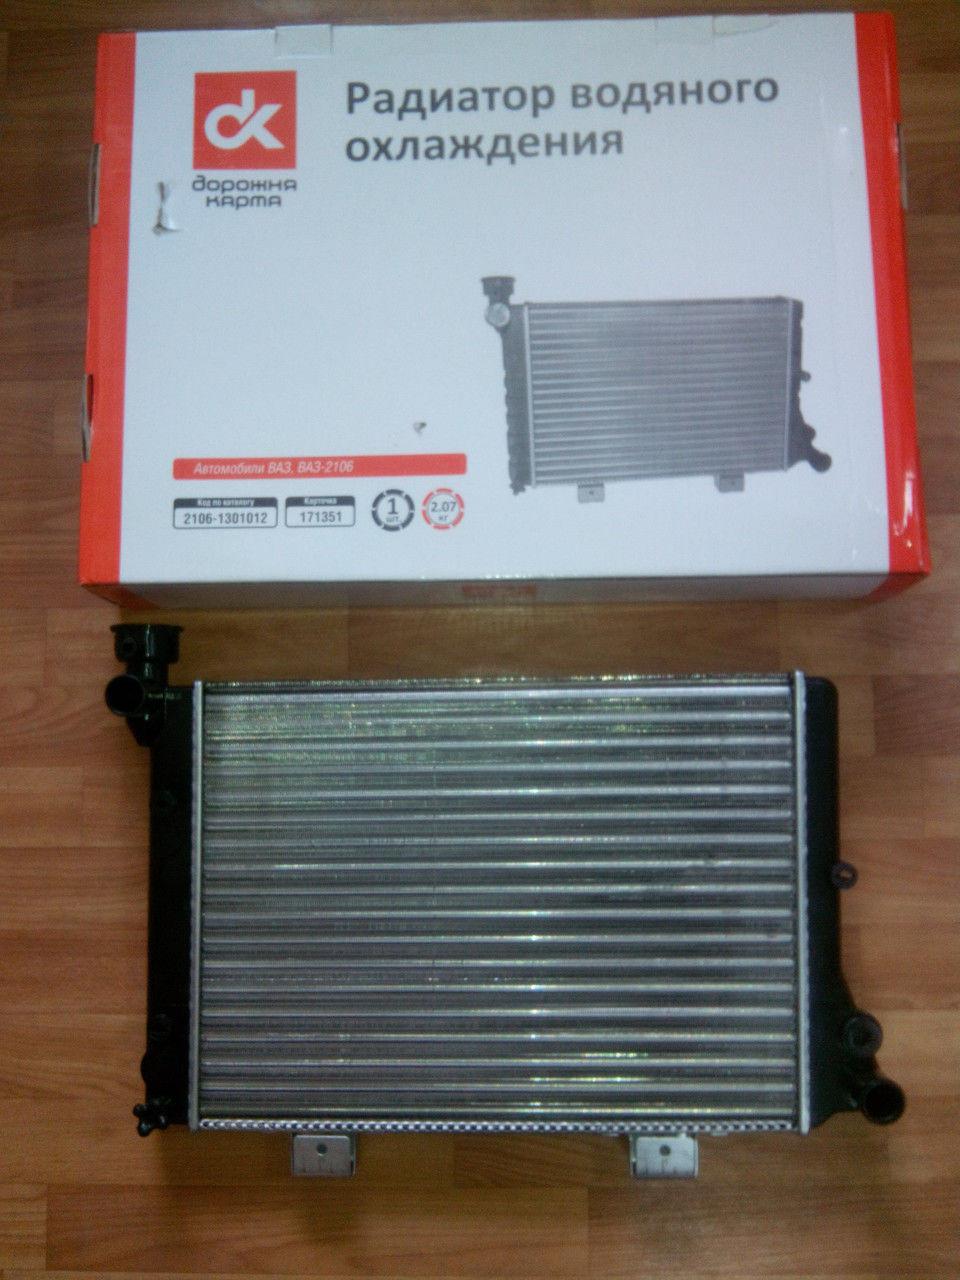 Радиатор вод.охлажд. ВАЗ-2106